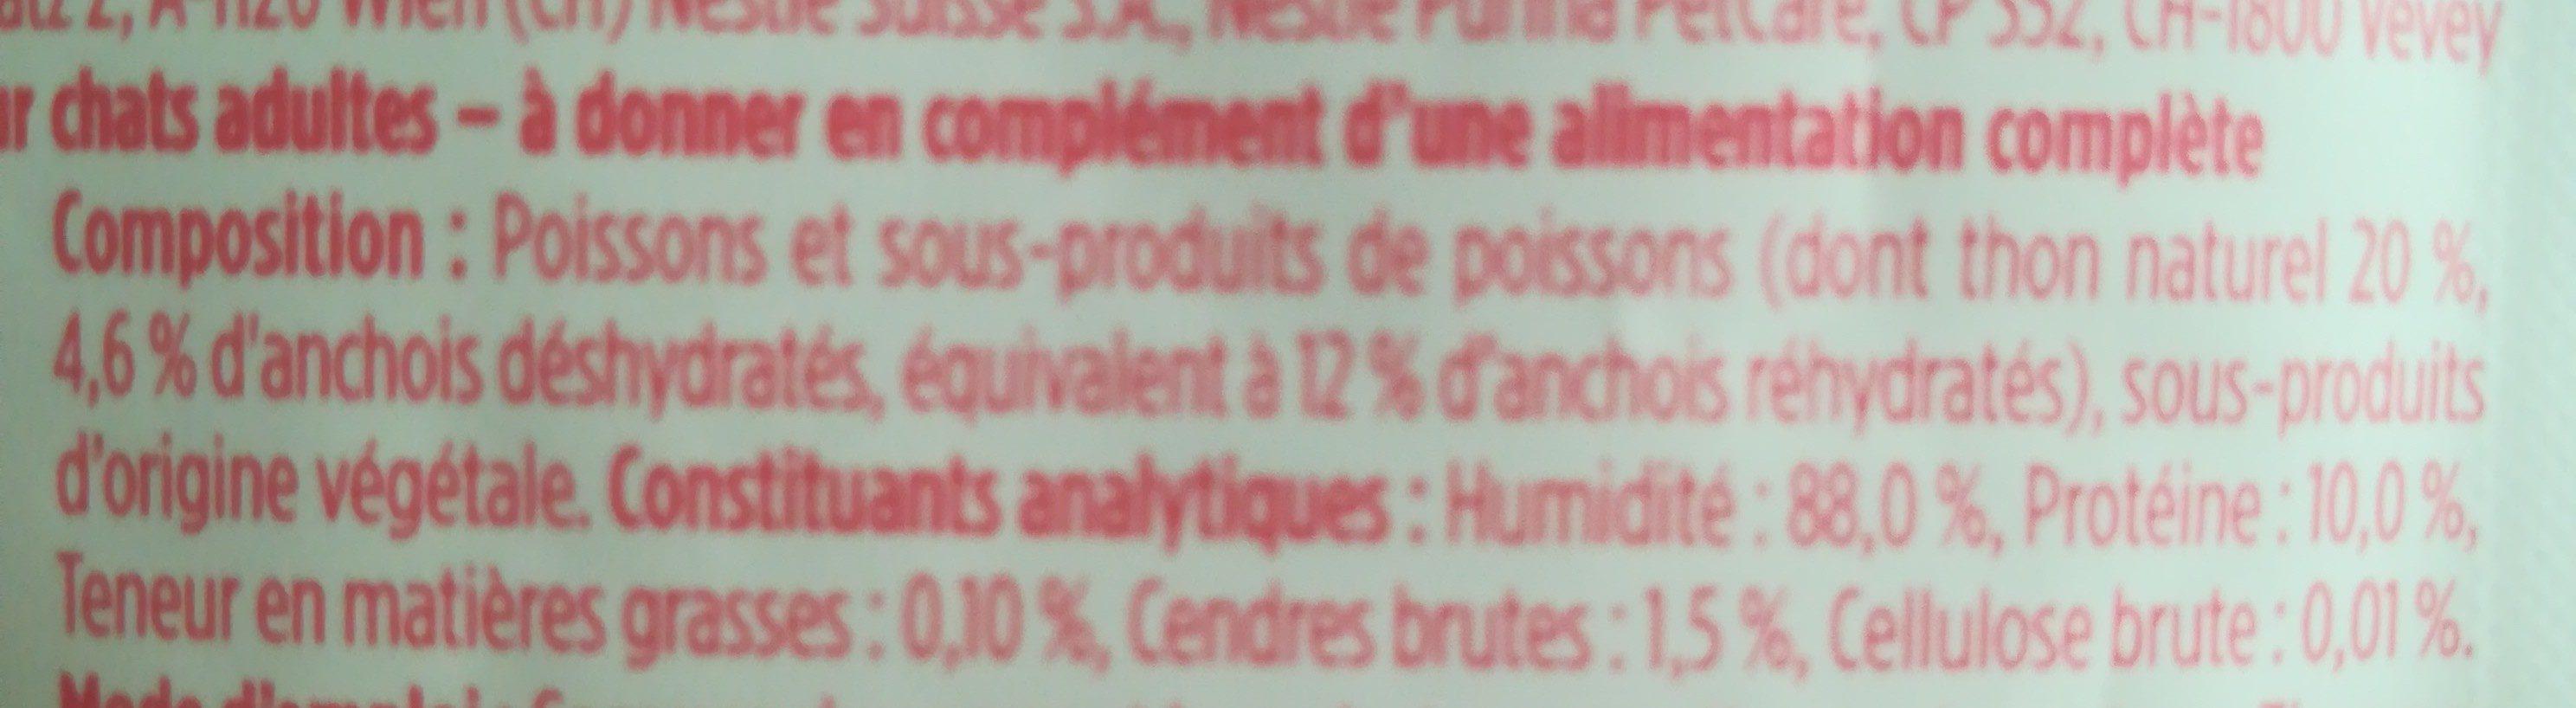 Purina Gourmet Soupe De Thon Et Anchois - Ingredients - fr